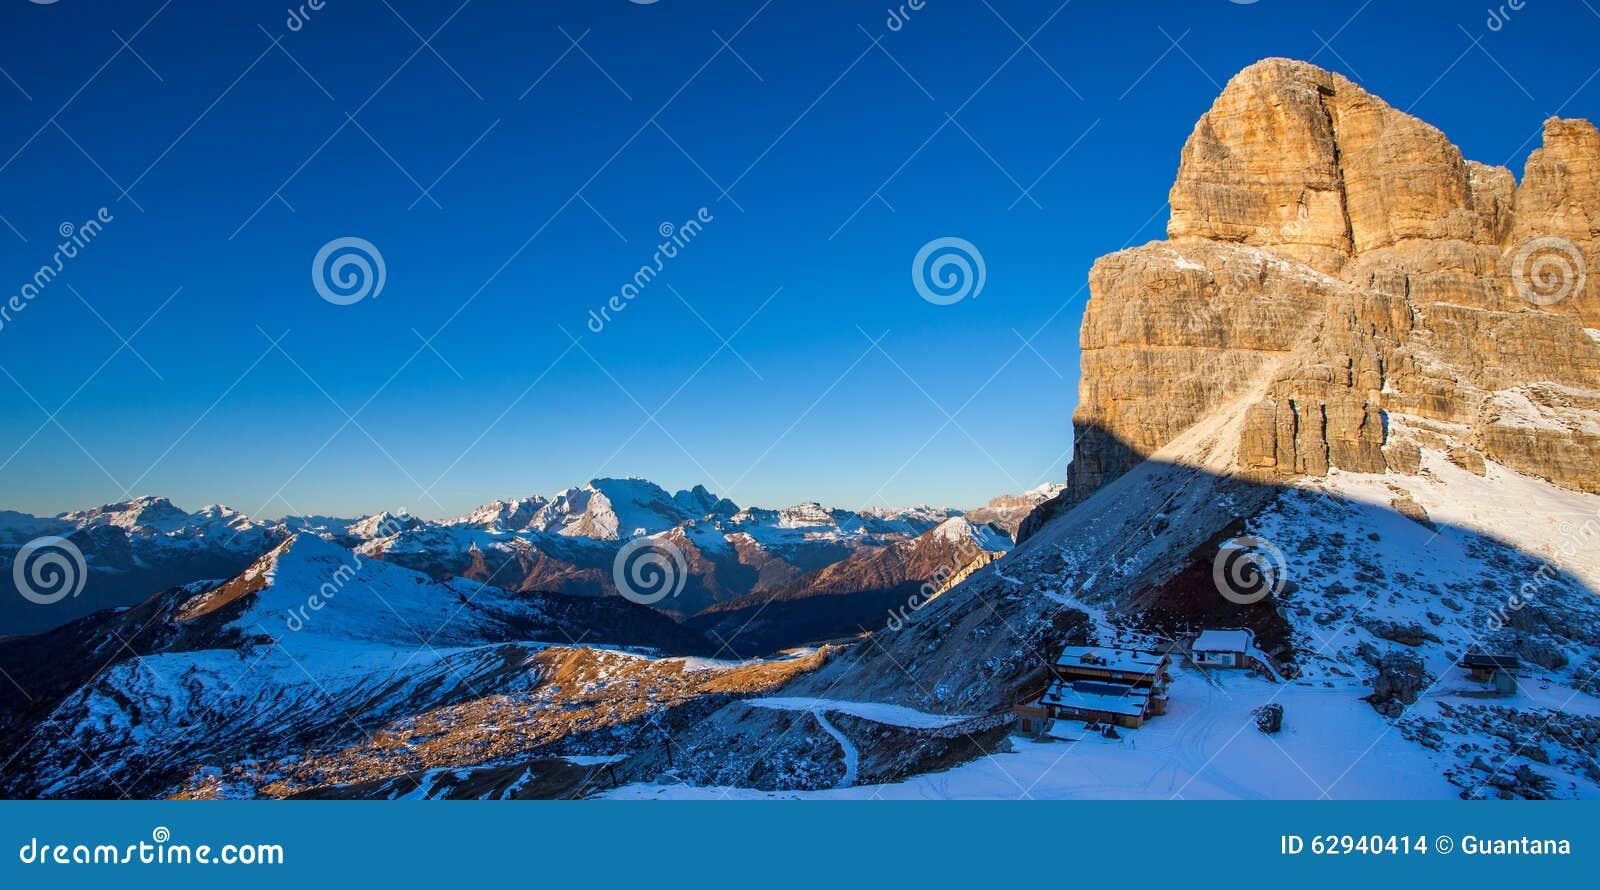 Monte Averau, Dolomites, Italy